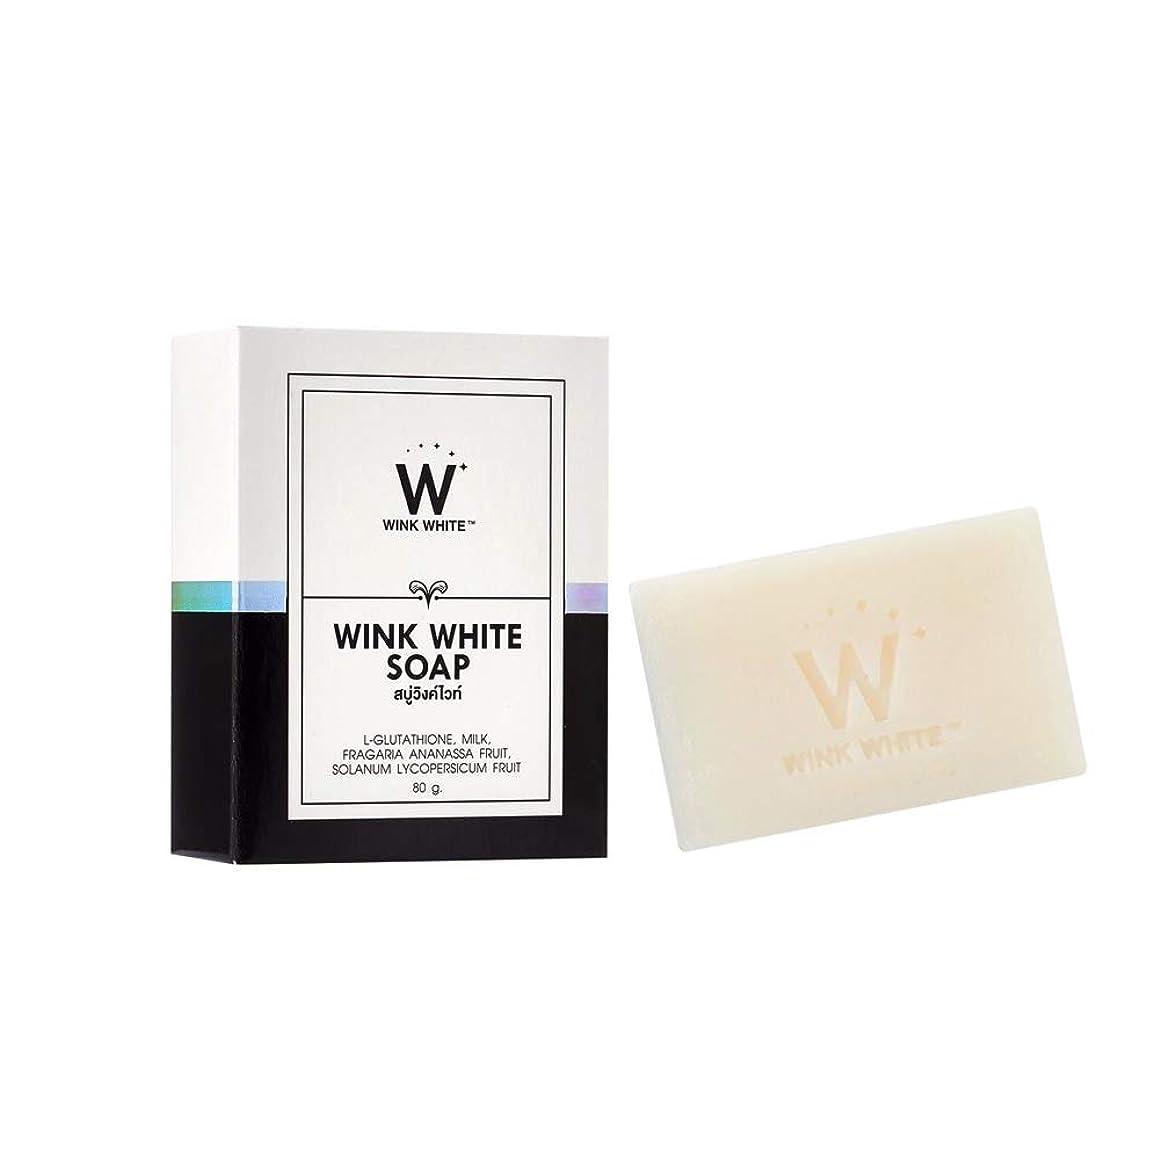 パーフェルビッドロンドンリファインSoap Net Nature White Soap Base Wink White Soap Gluta Pure Skin Body Whitening Strawberry for Whitening Skin All Natural Milled Goats Milk